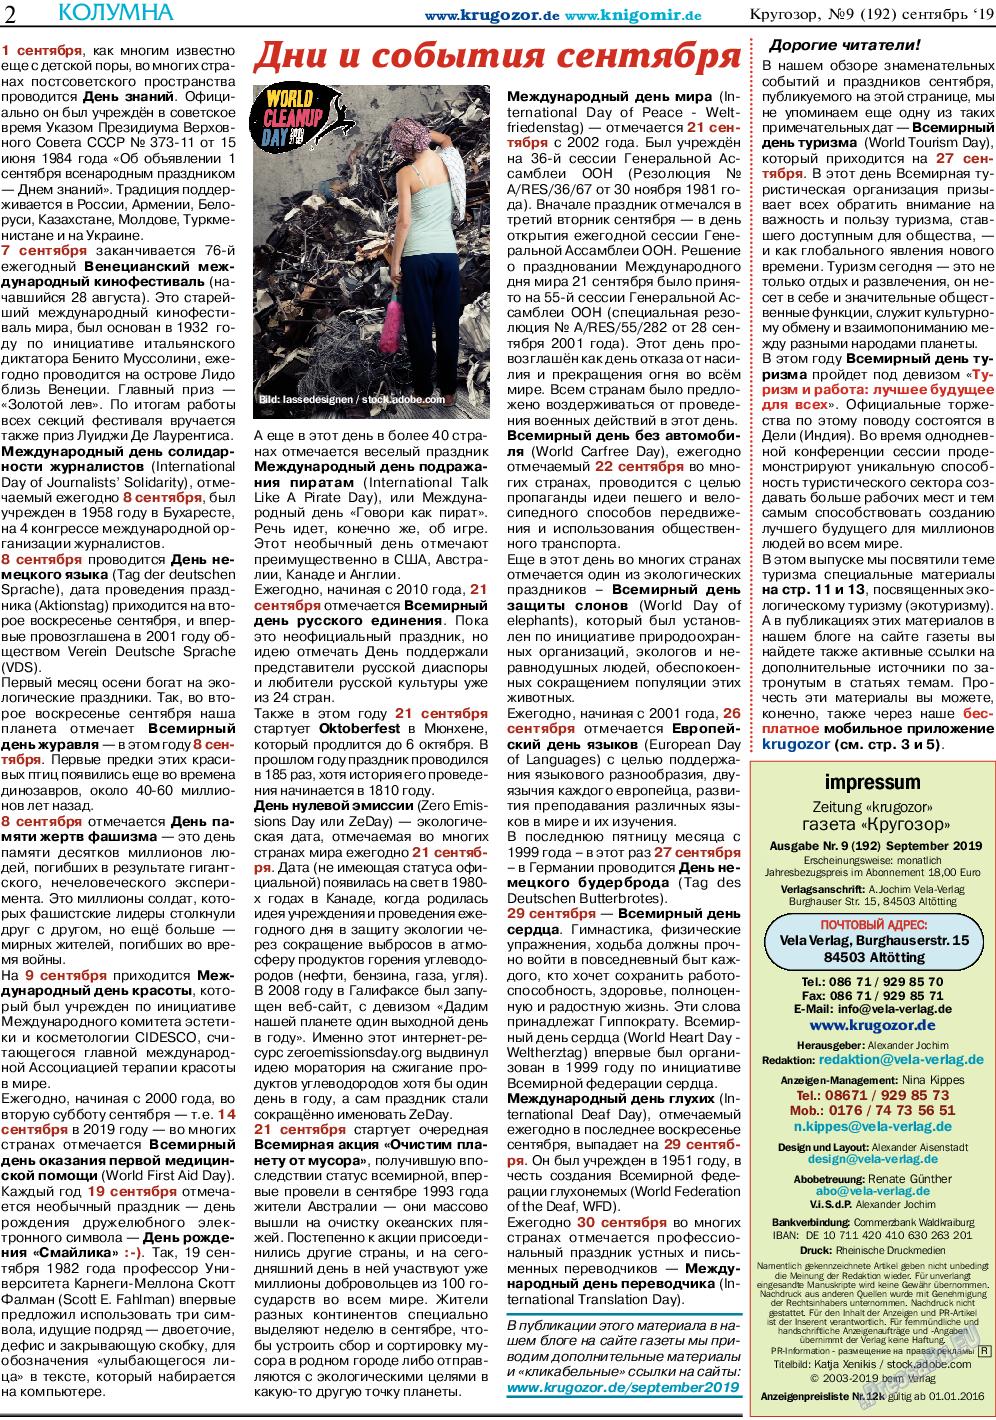 Кругозор (газета). 2019 год, номер 9, стр. 2